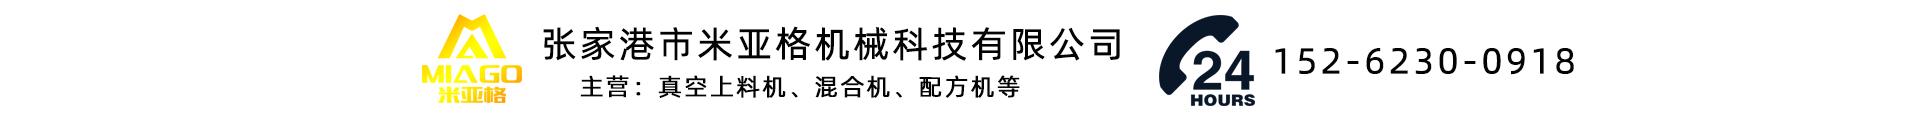 张家港市米亚格机械科技有限公司